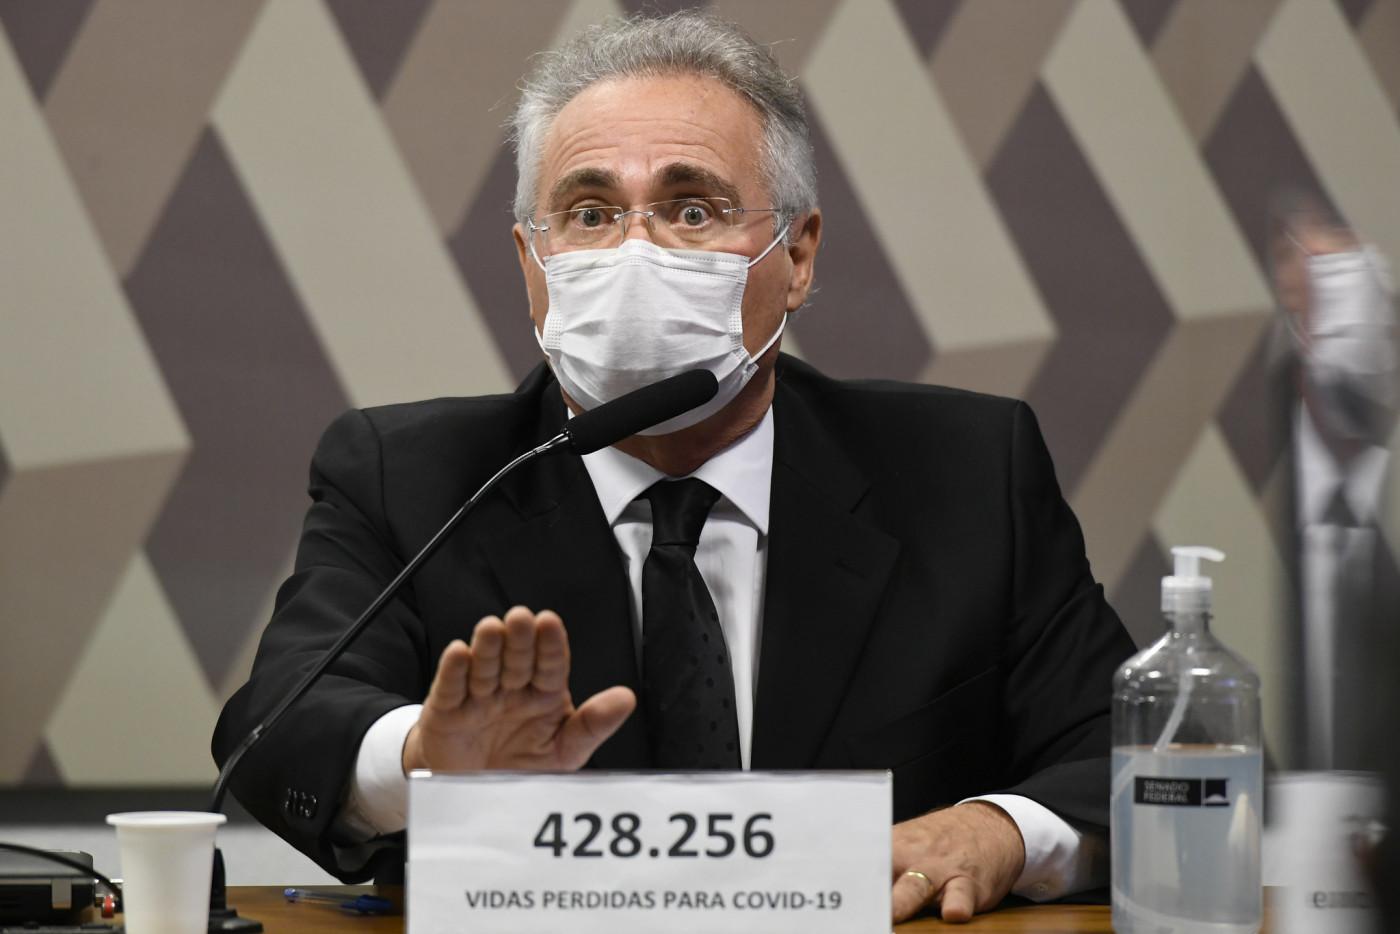 senador renan calheiros falando, com a mão levantada, em frente a um microfone. Ele é branco, tem cabelos grisalhos e usa óculos.